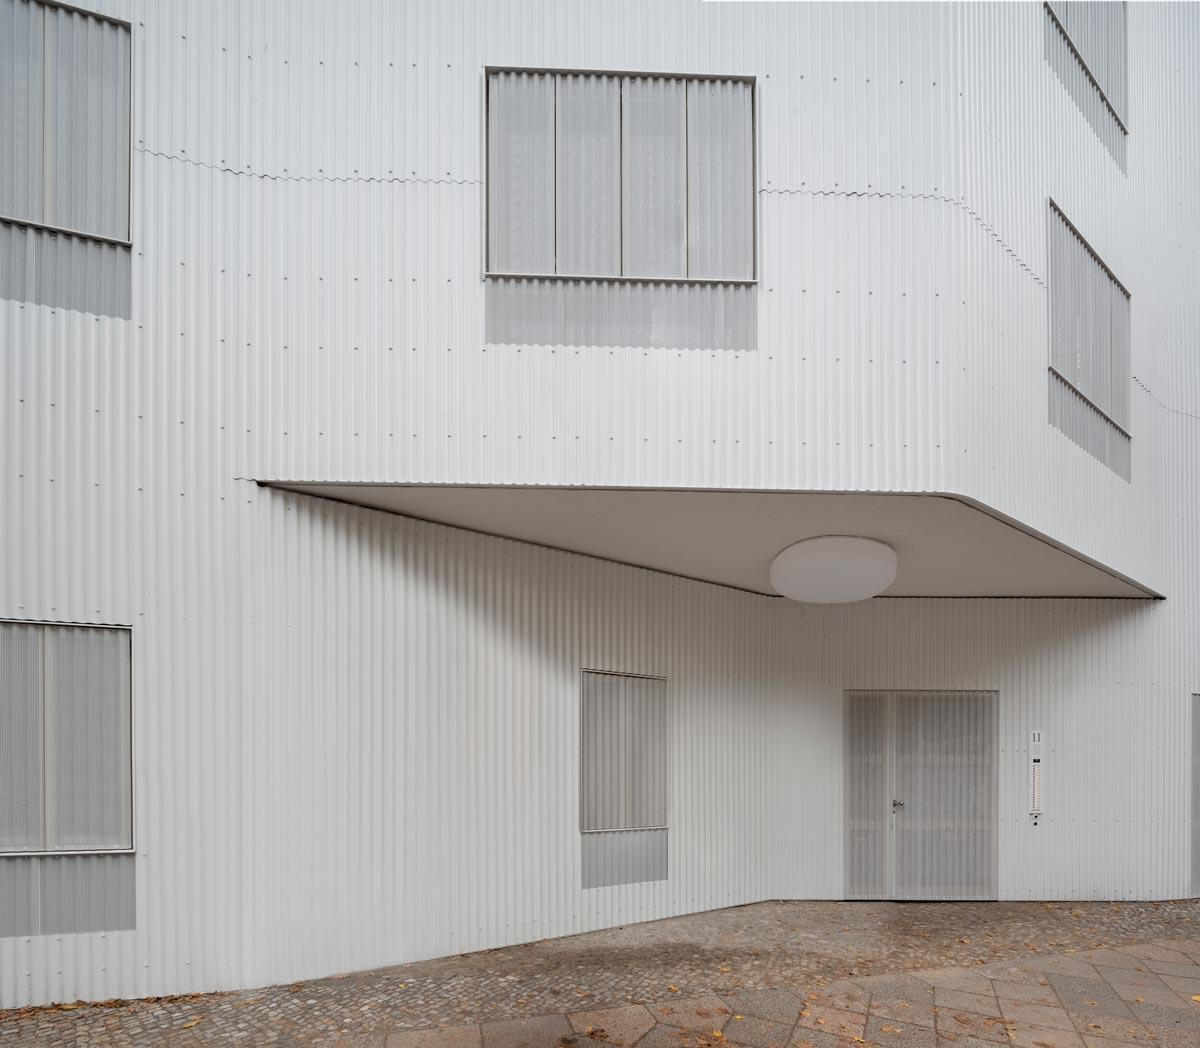 Der Eisberg Berlin - rundzwei Architekten